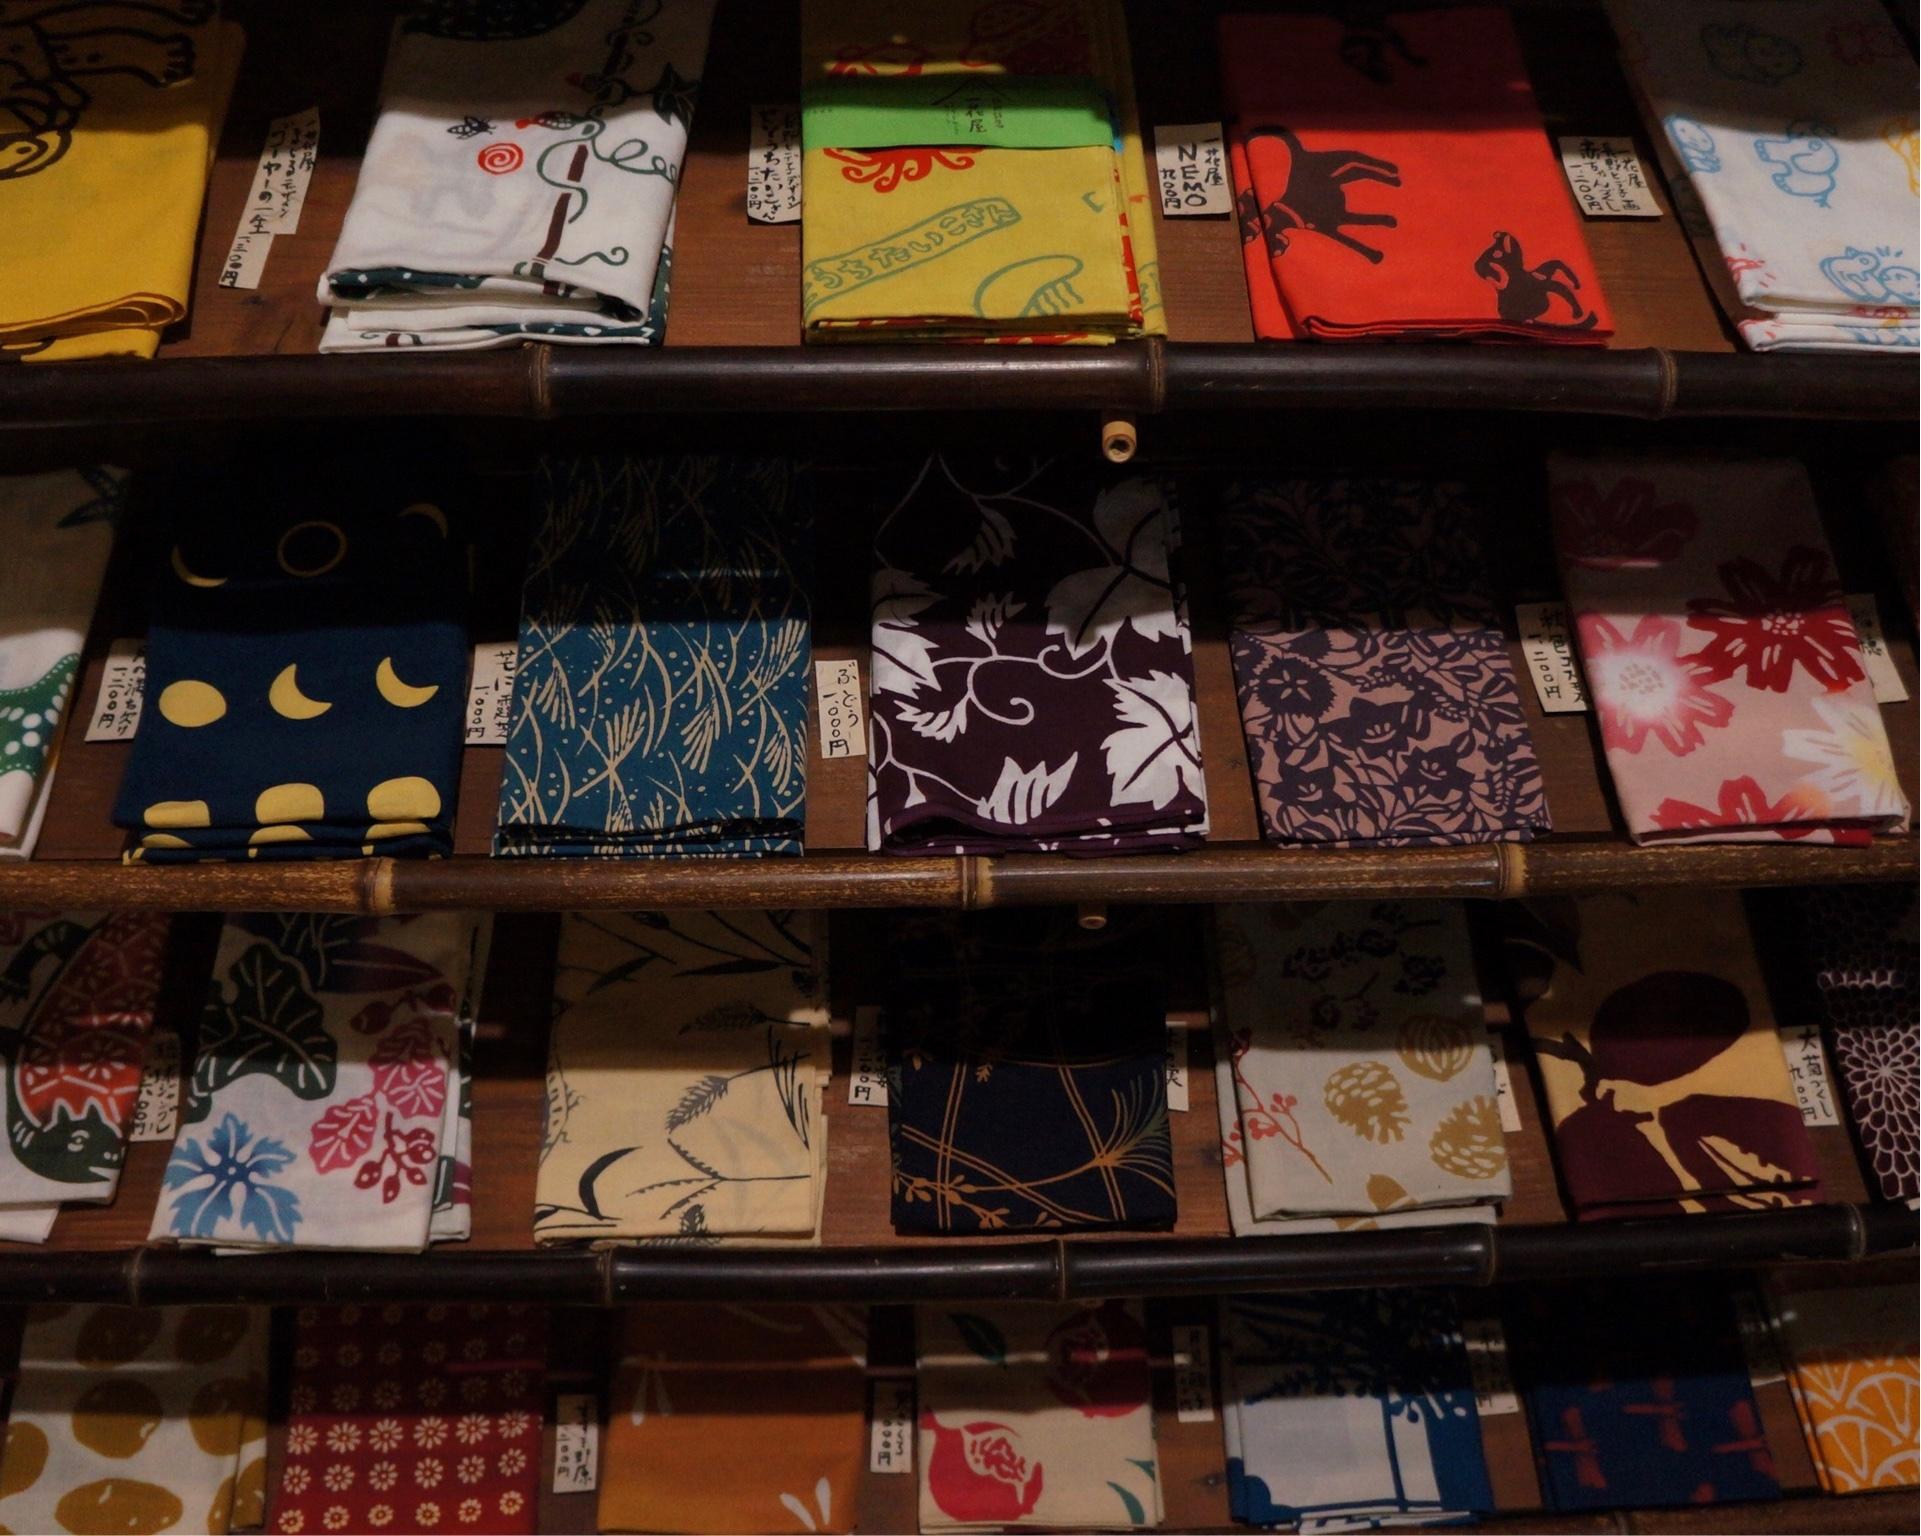 鎌倉 ゆったりとした時間を味わえるカフェ3選_1_8-3